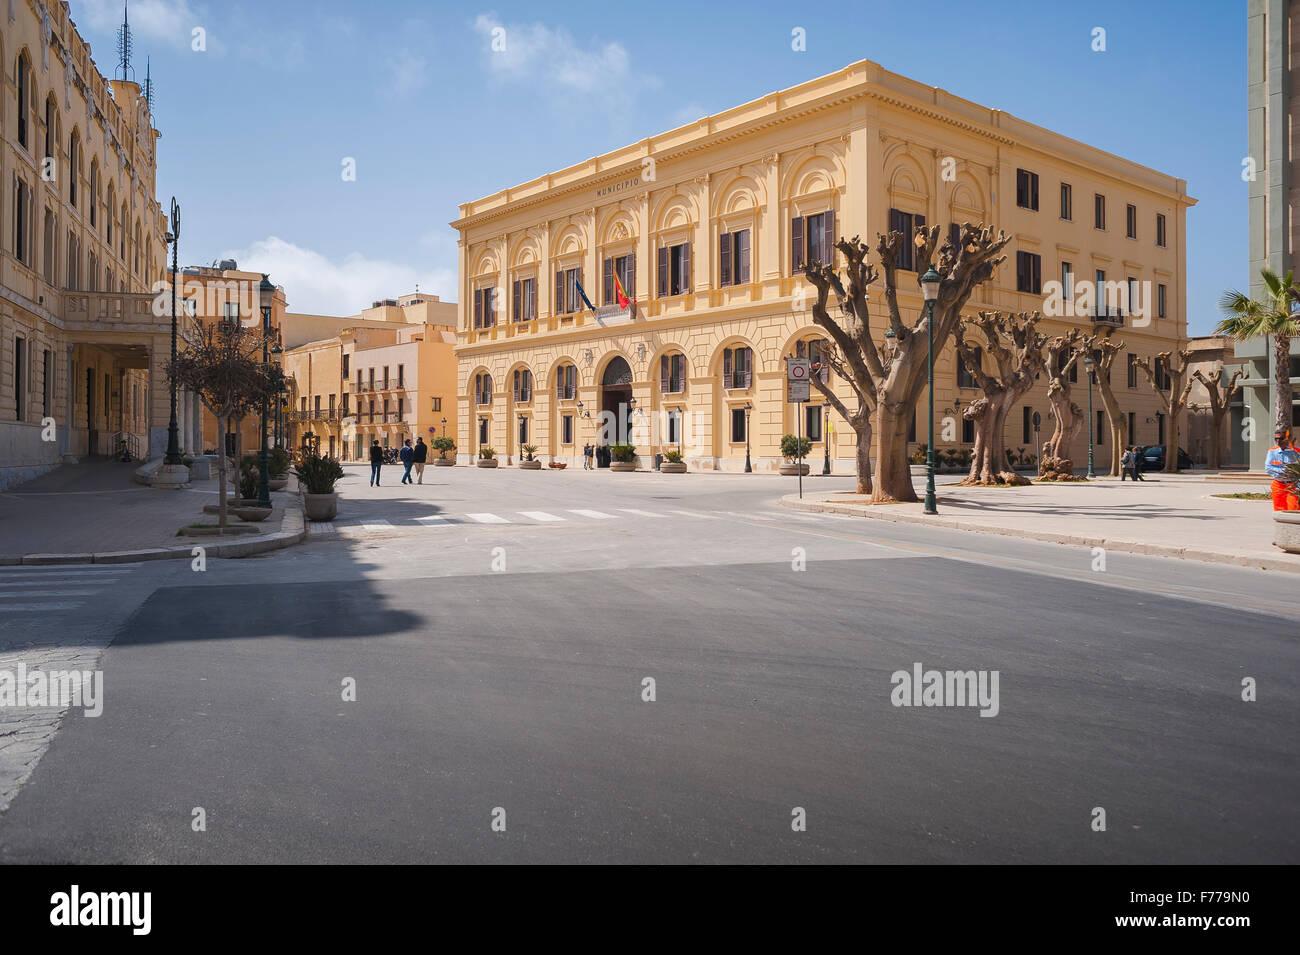 Trapani Sicily, The Town Hall (Palazzo Pubblico) in the Via Fardella in Trapani, Sicily. - Stock Image